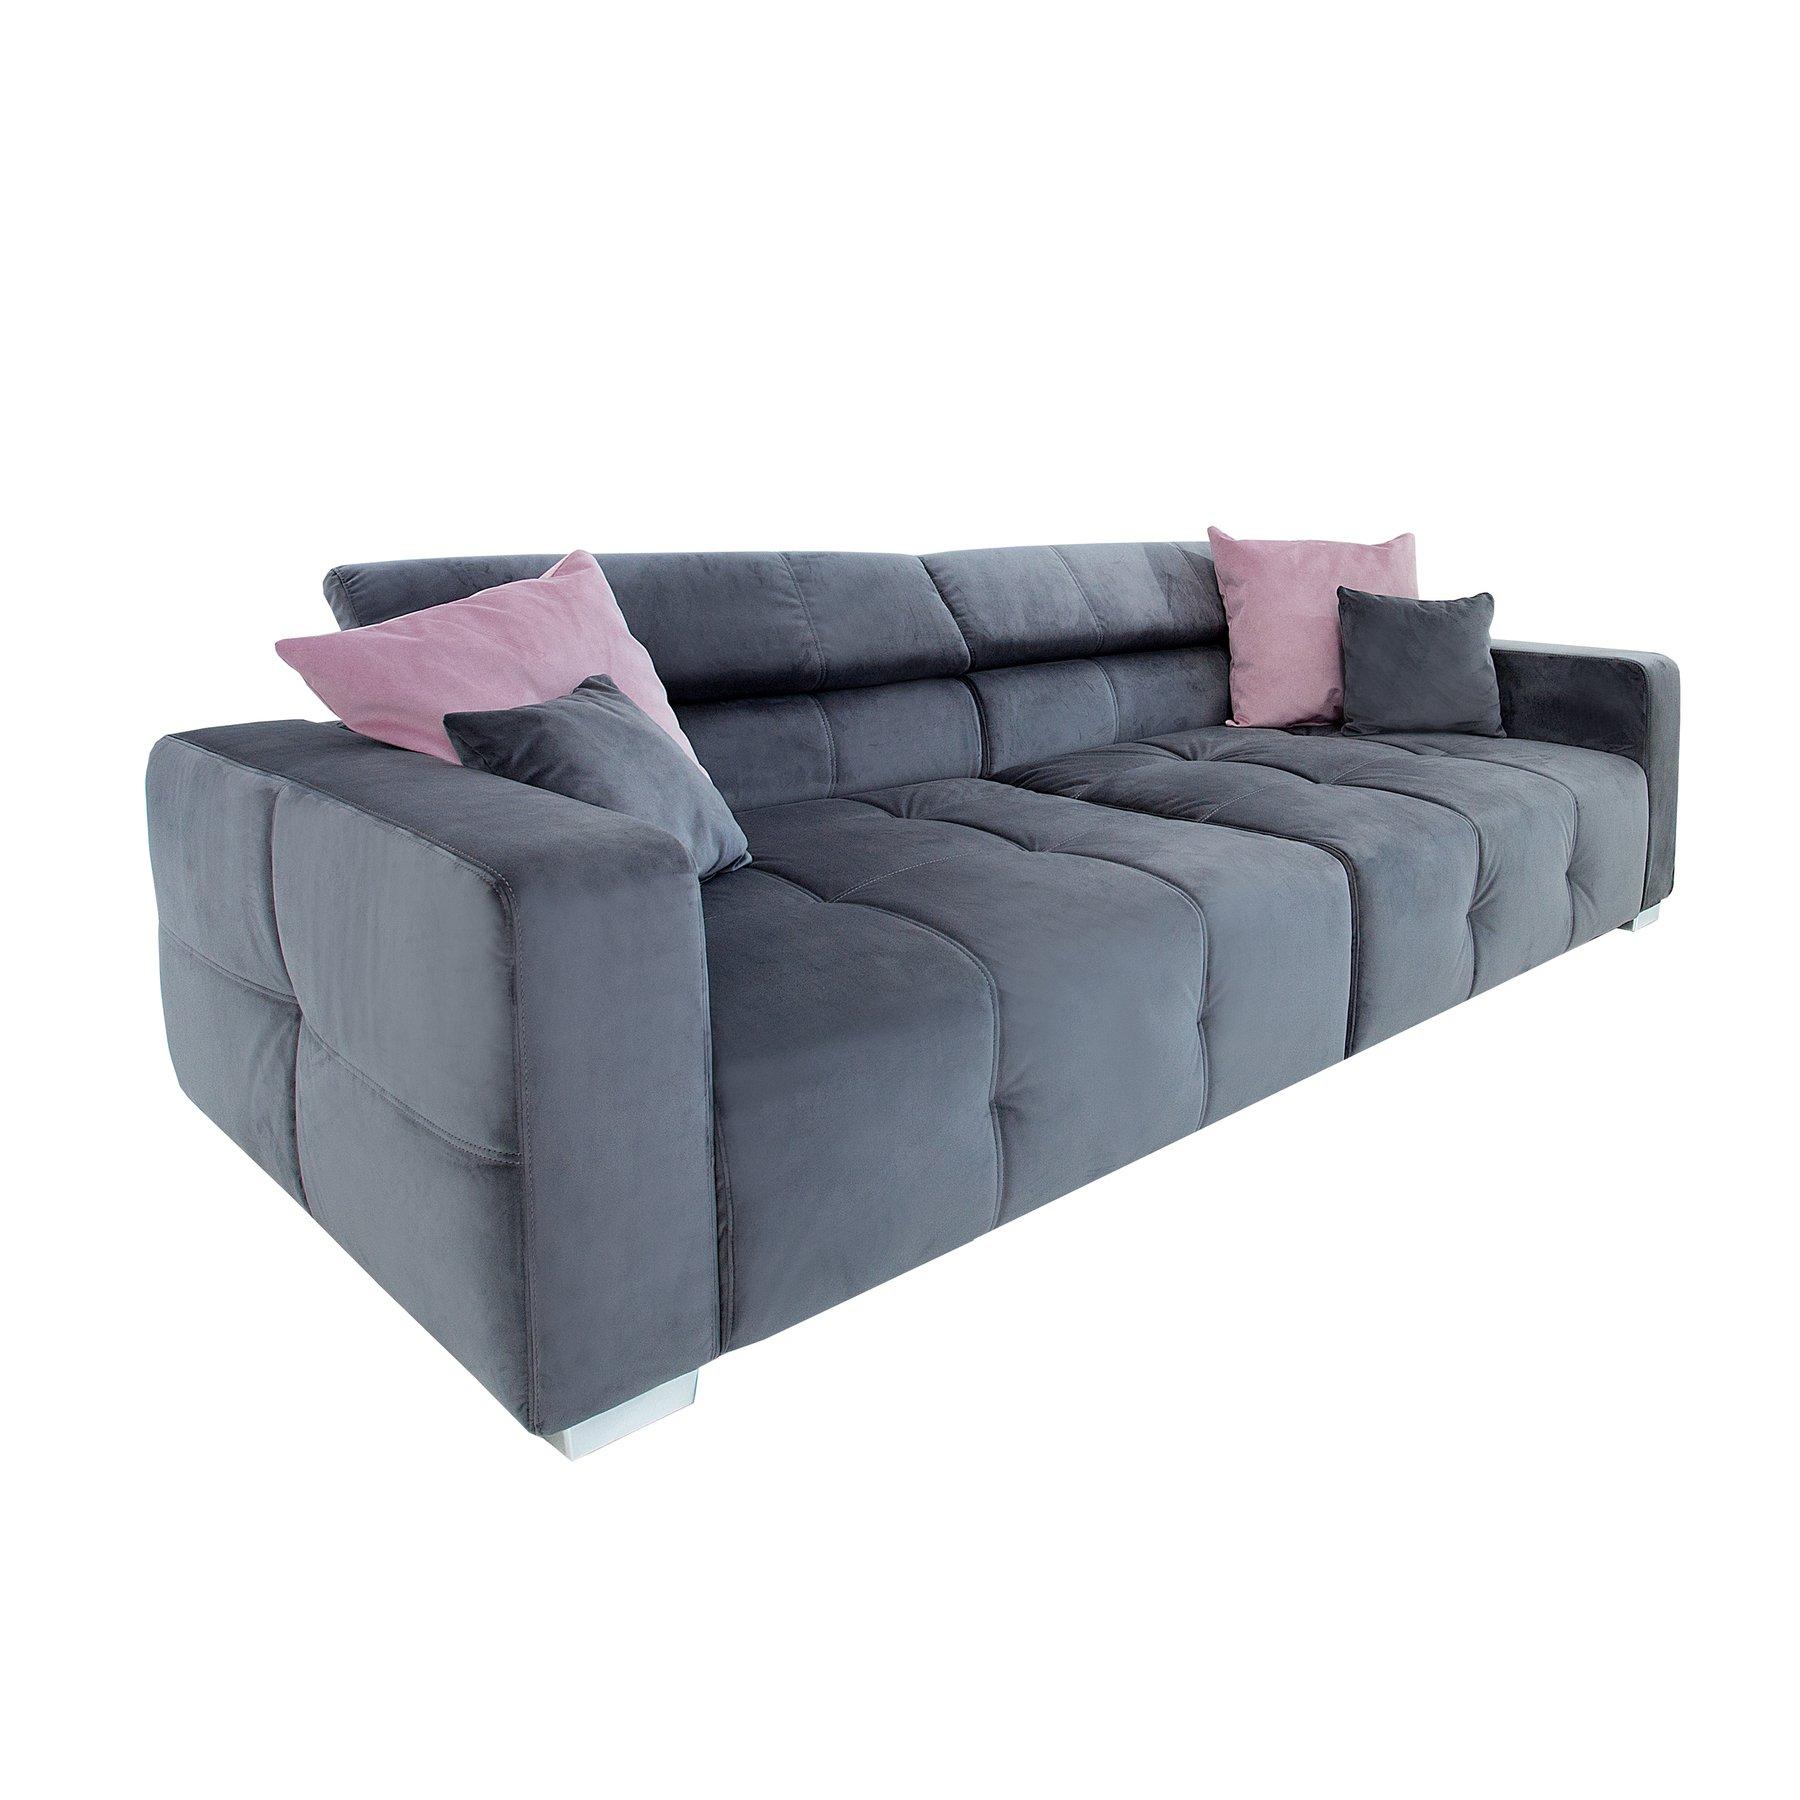 Invicta Interior Elegantes Big Sofa Heritage 290cm Grau Inkl Kissen Verstellbare Kopfstütze Couch Wohnzimmer Samtmöbel